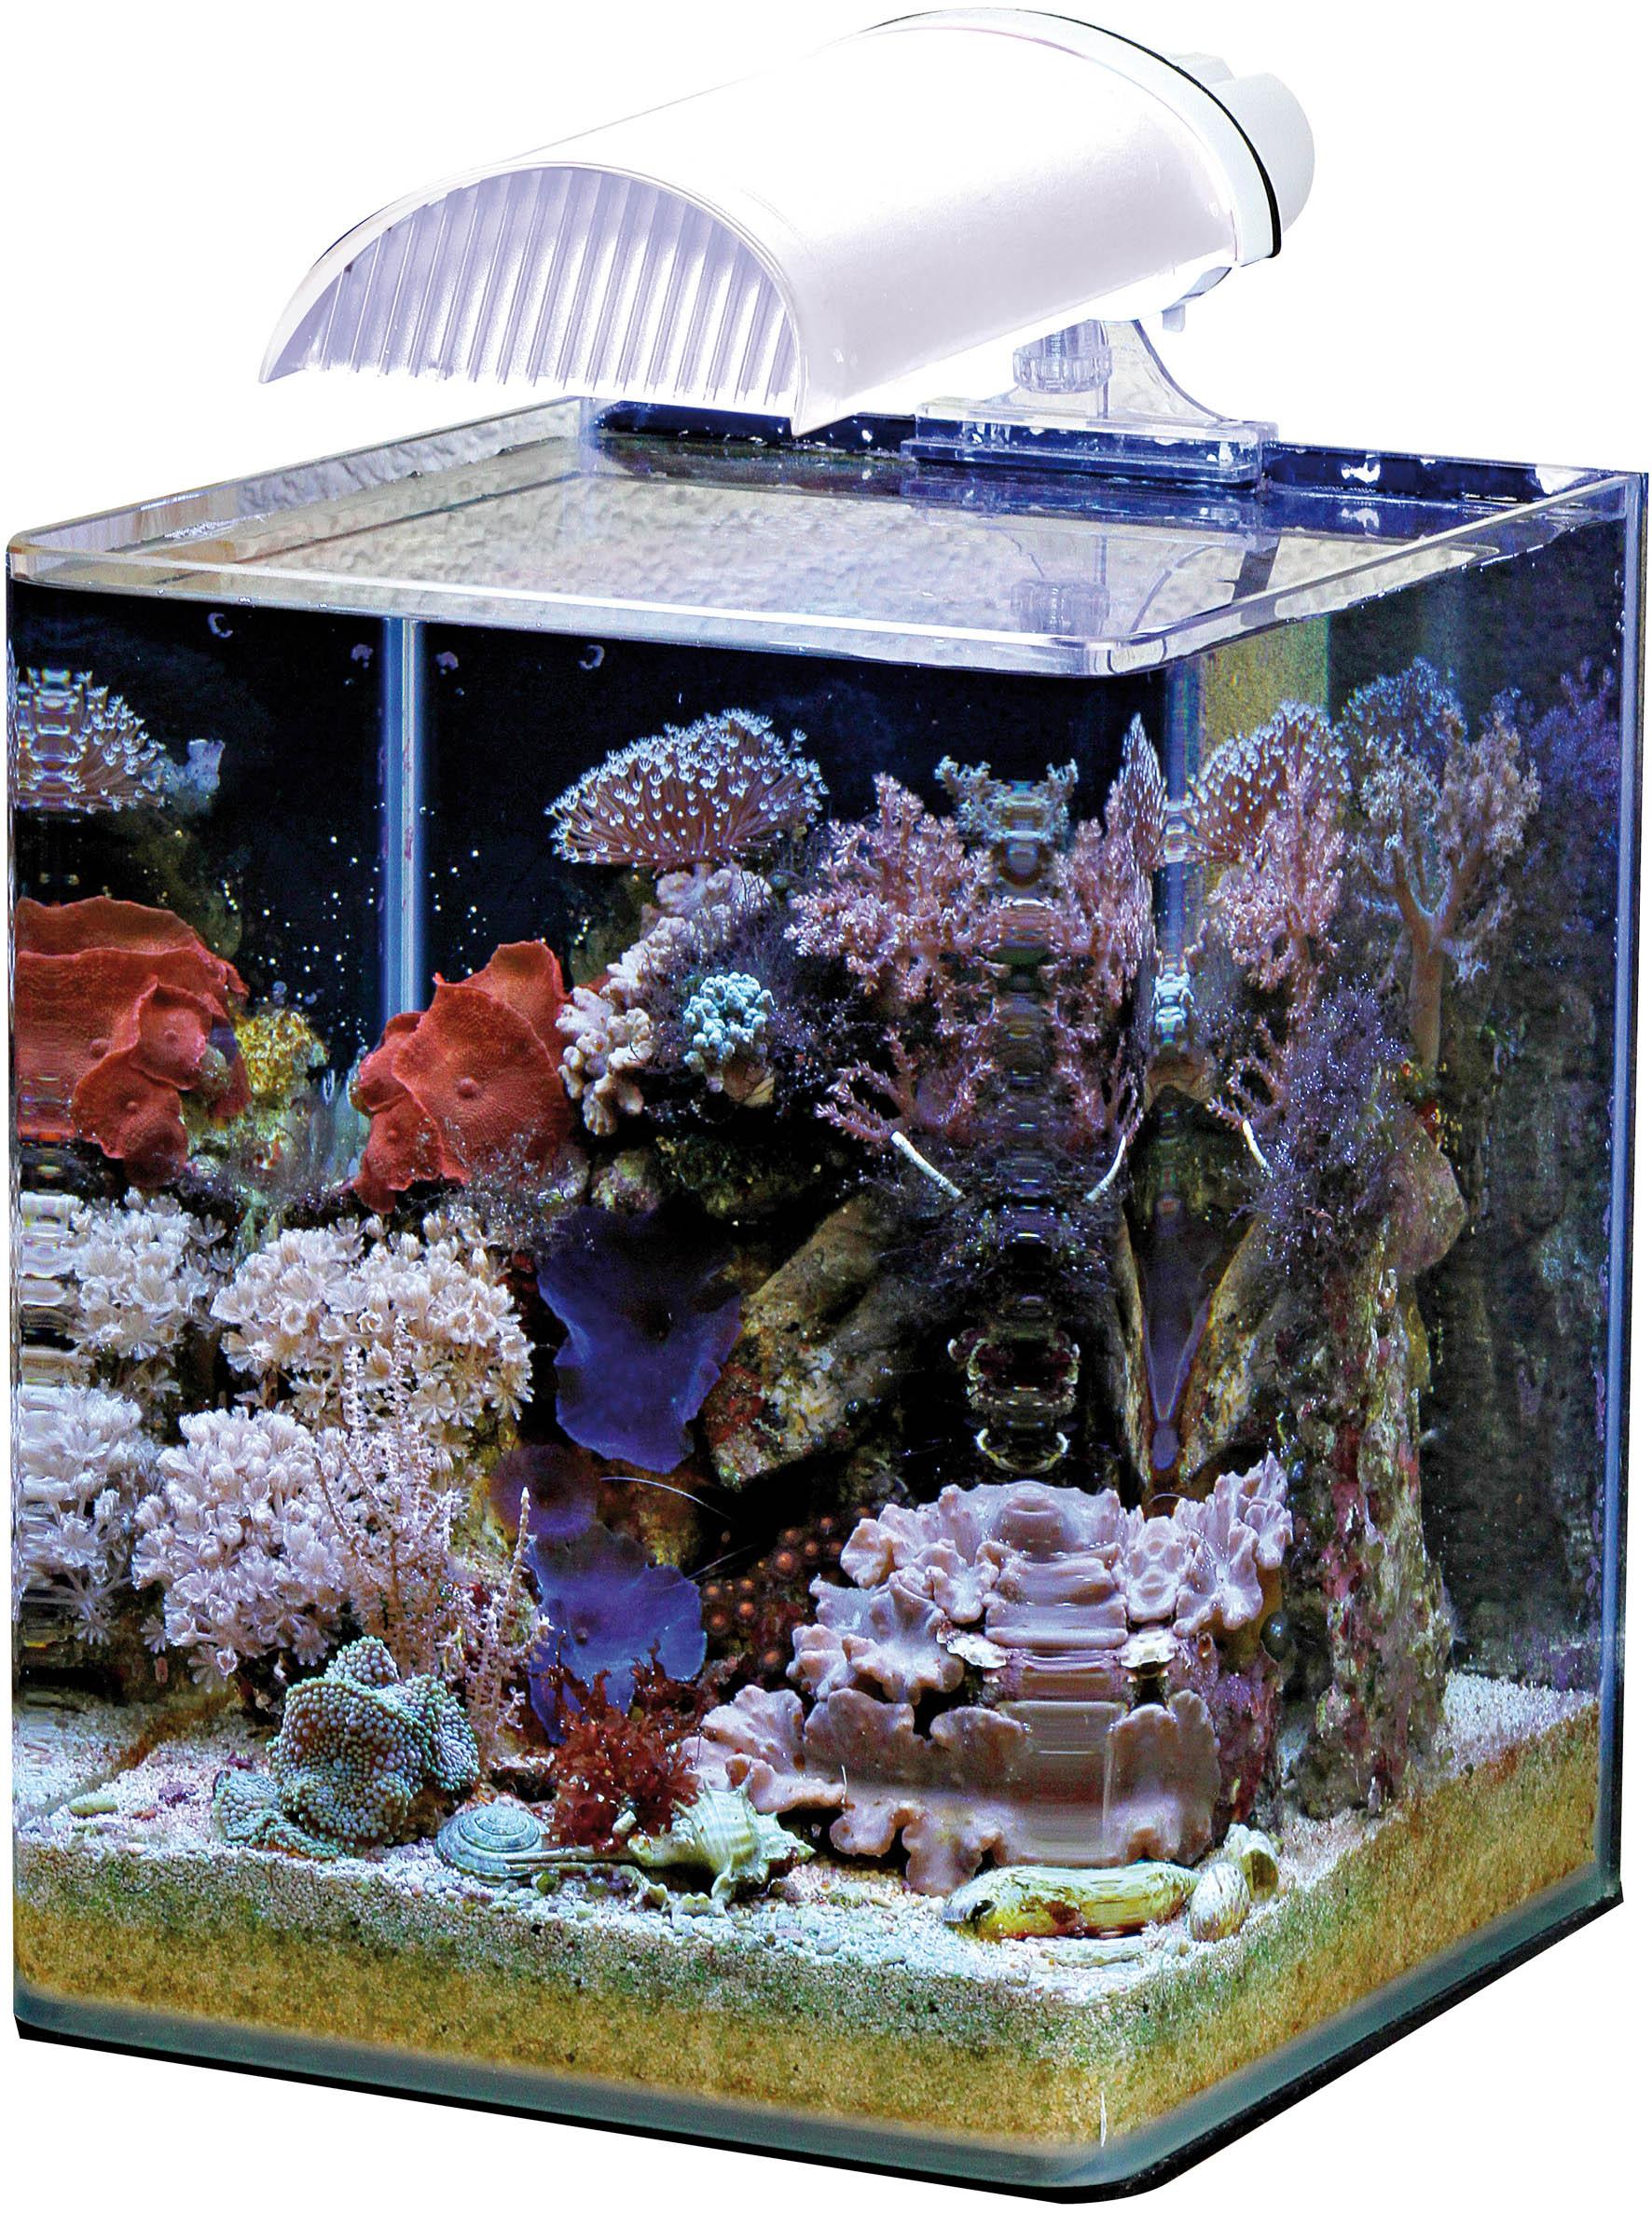 F r schnorcheln im wohnzimmer hilgerlicious luxus ist for Salzwasser aquarium fische